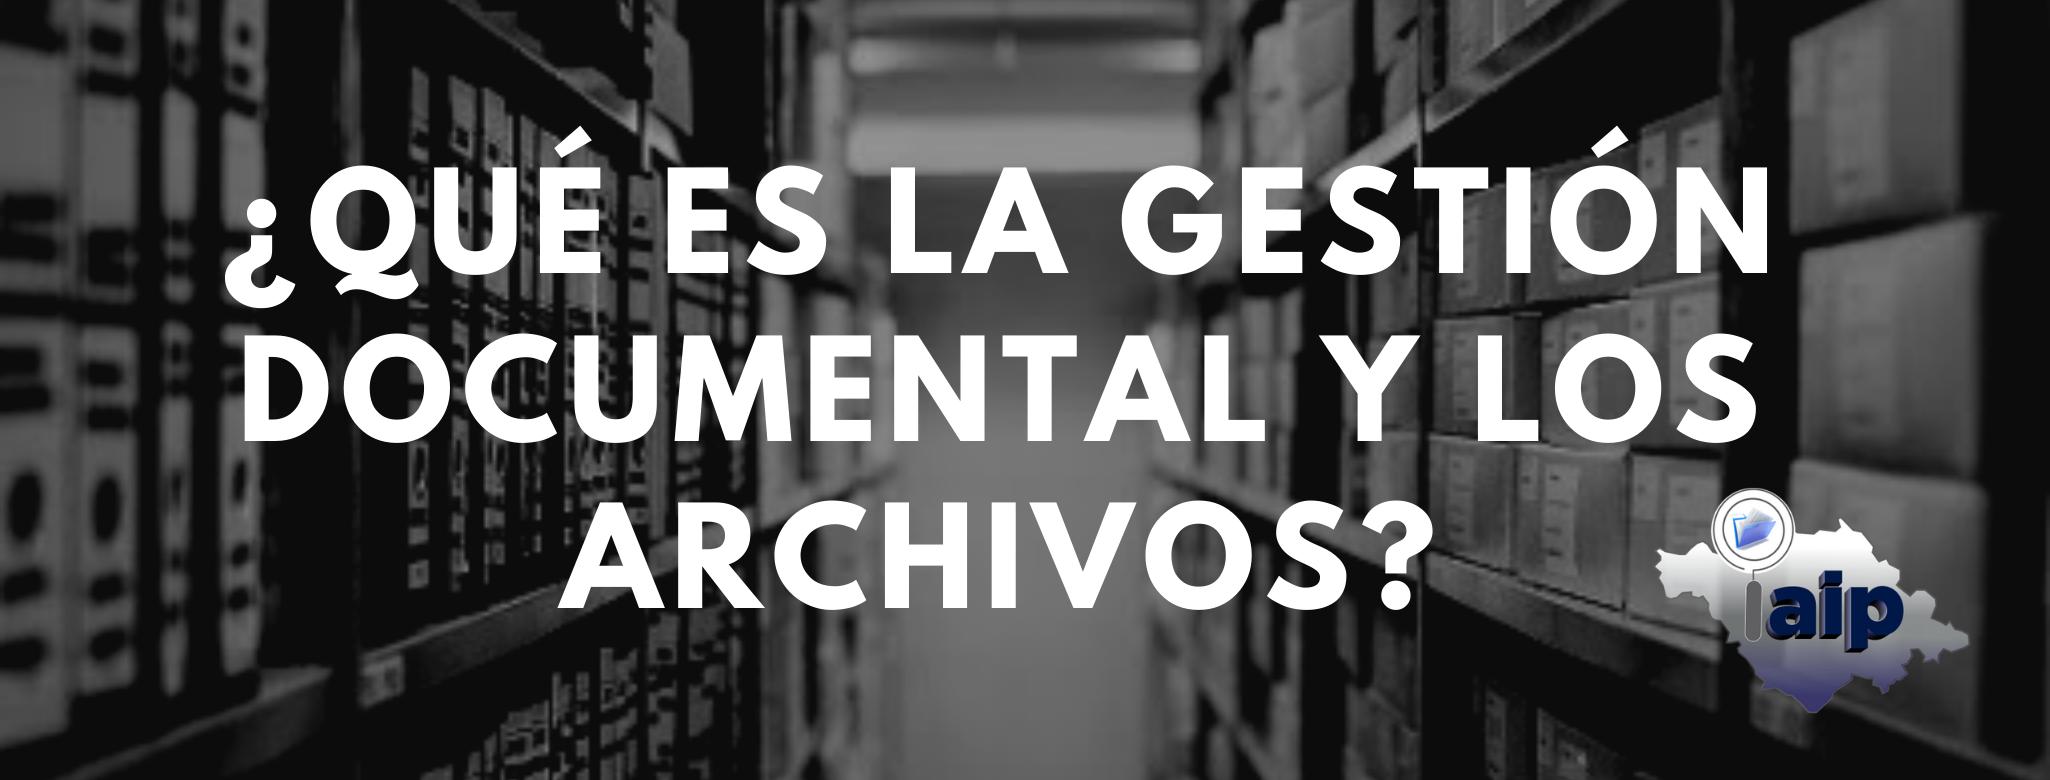 ¿Qué es archivo?